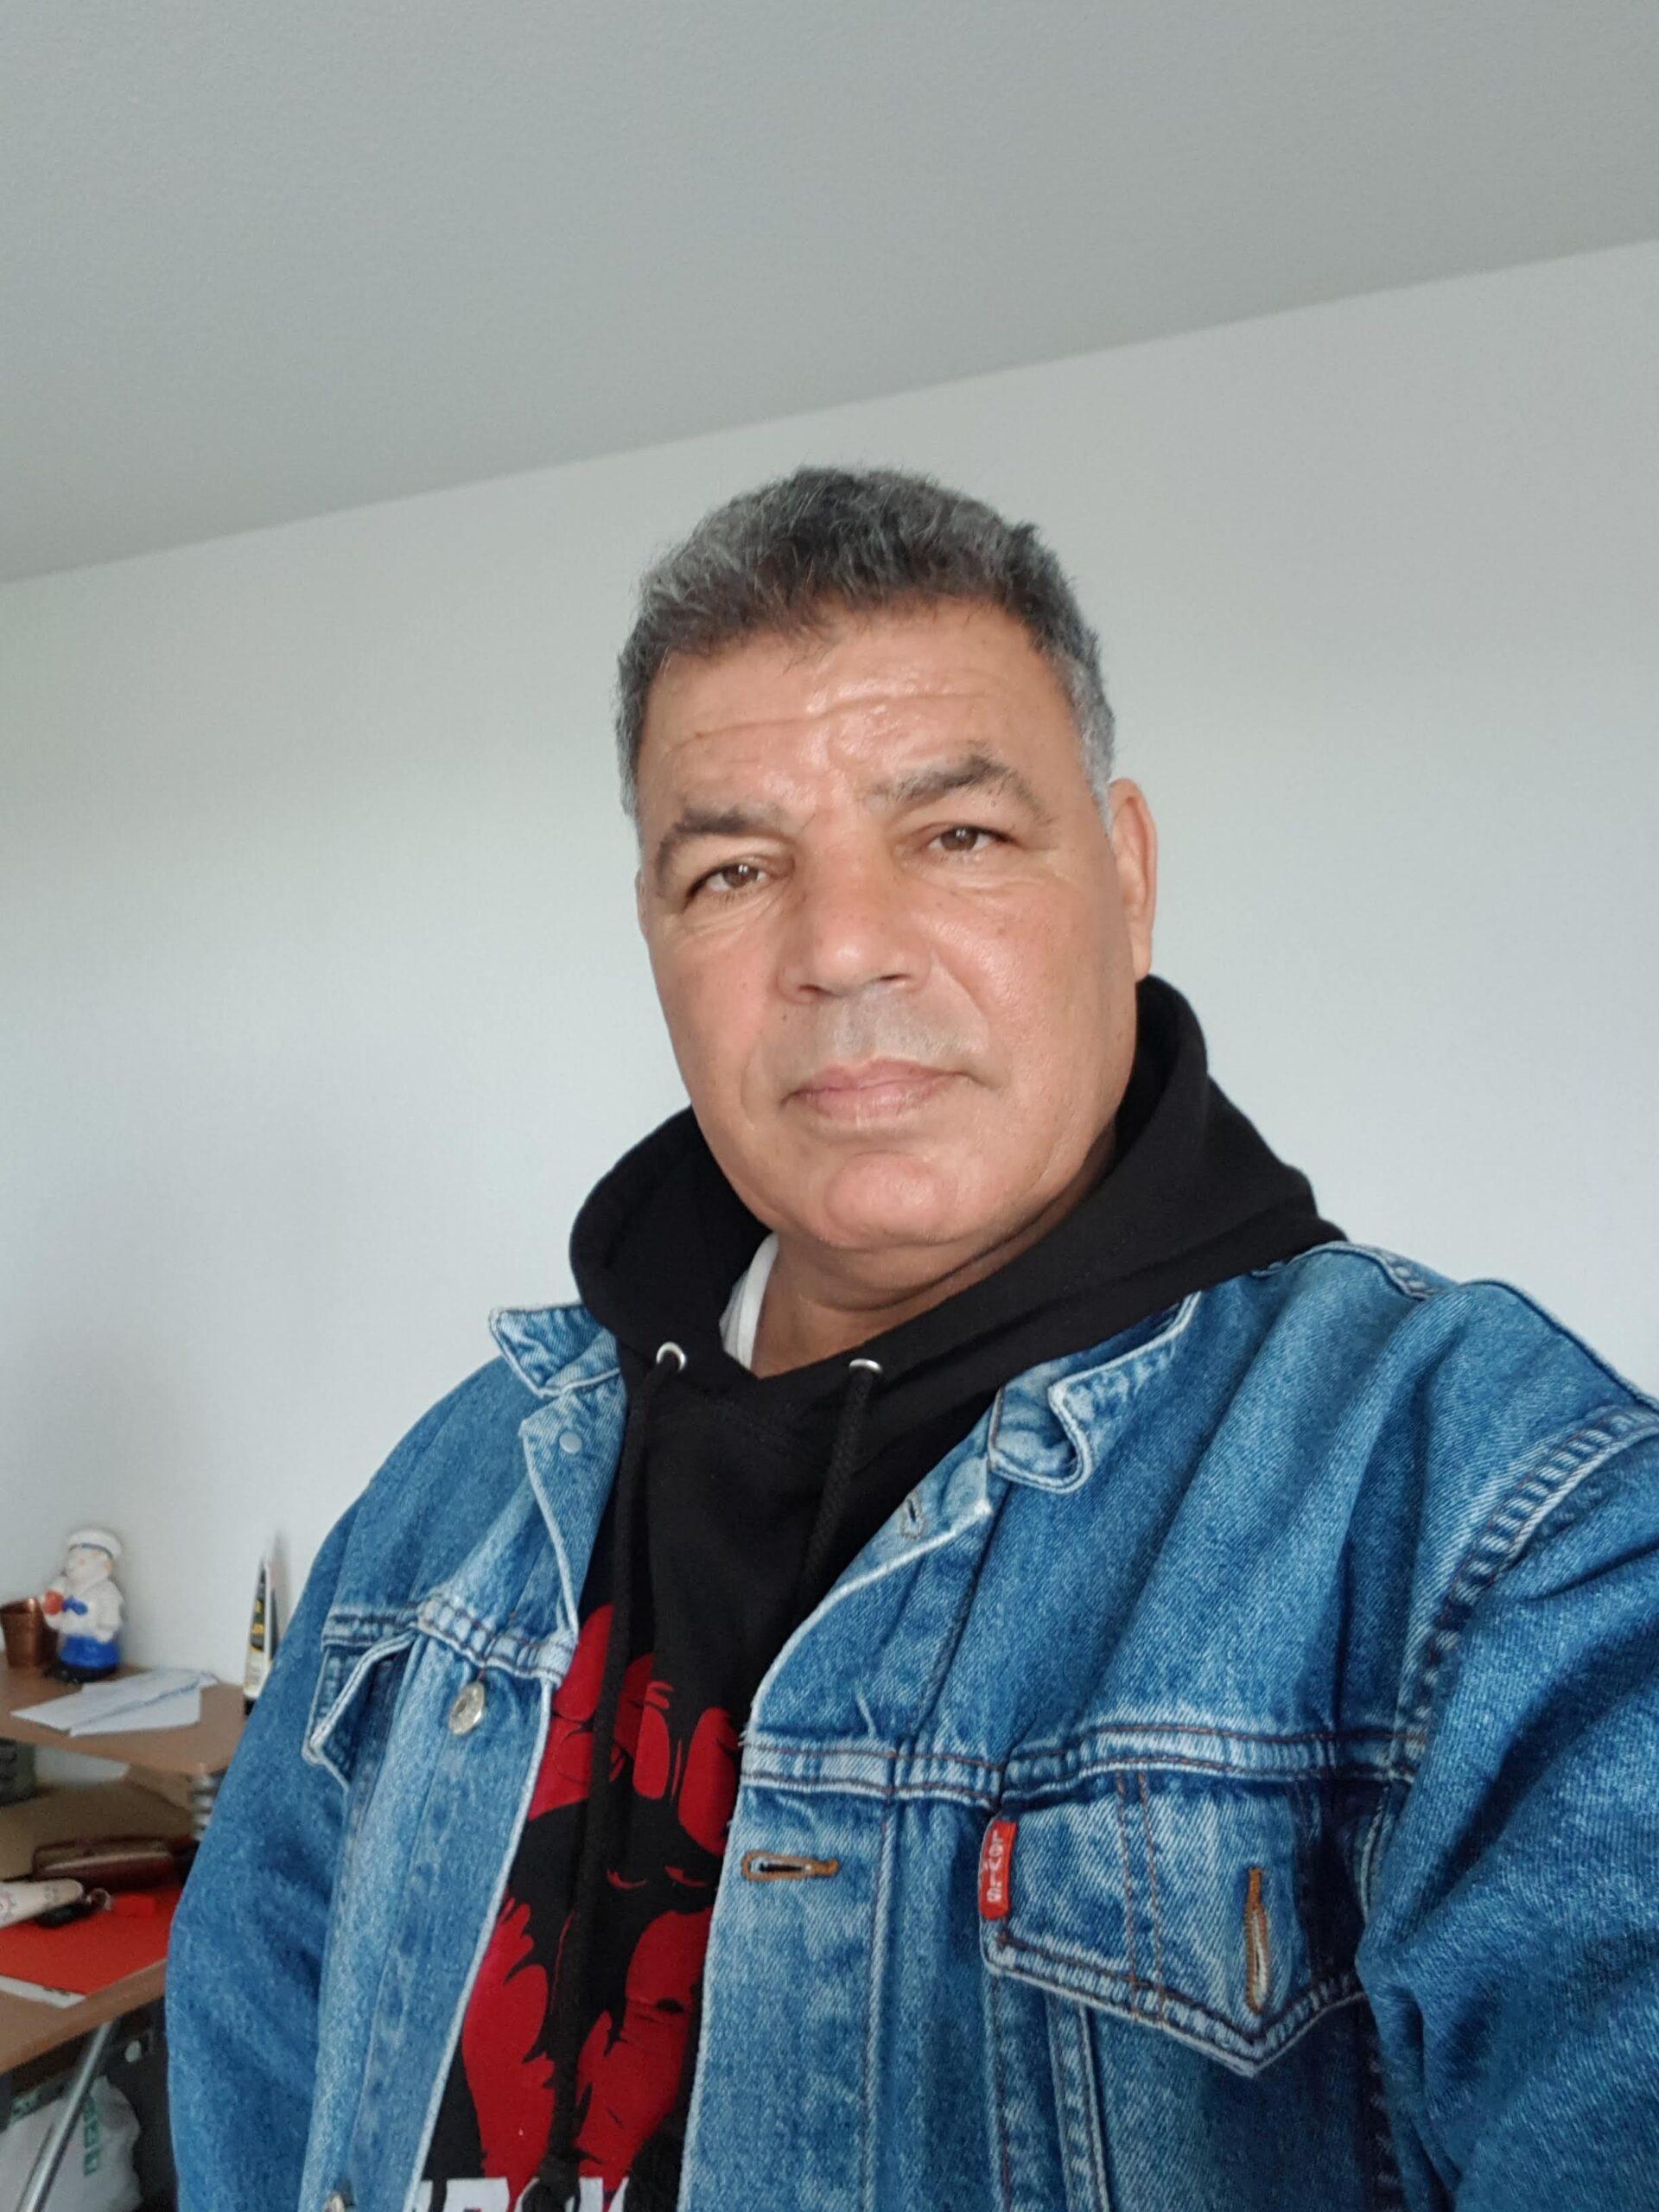 وجوهنا مرآة الغضب / بقلم : عبد اللطيف رعري